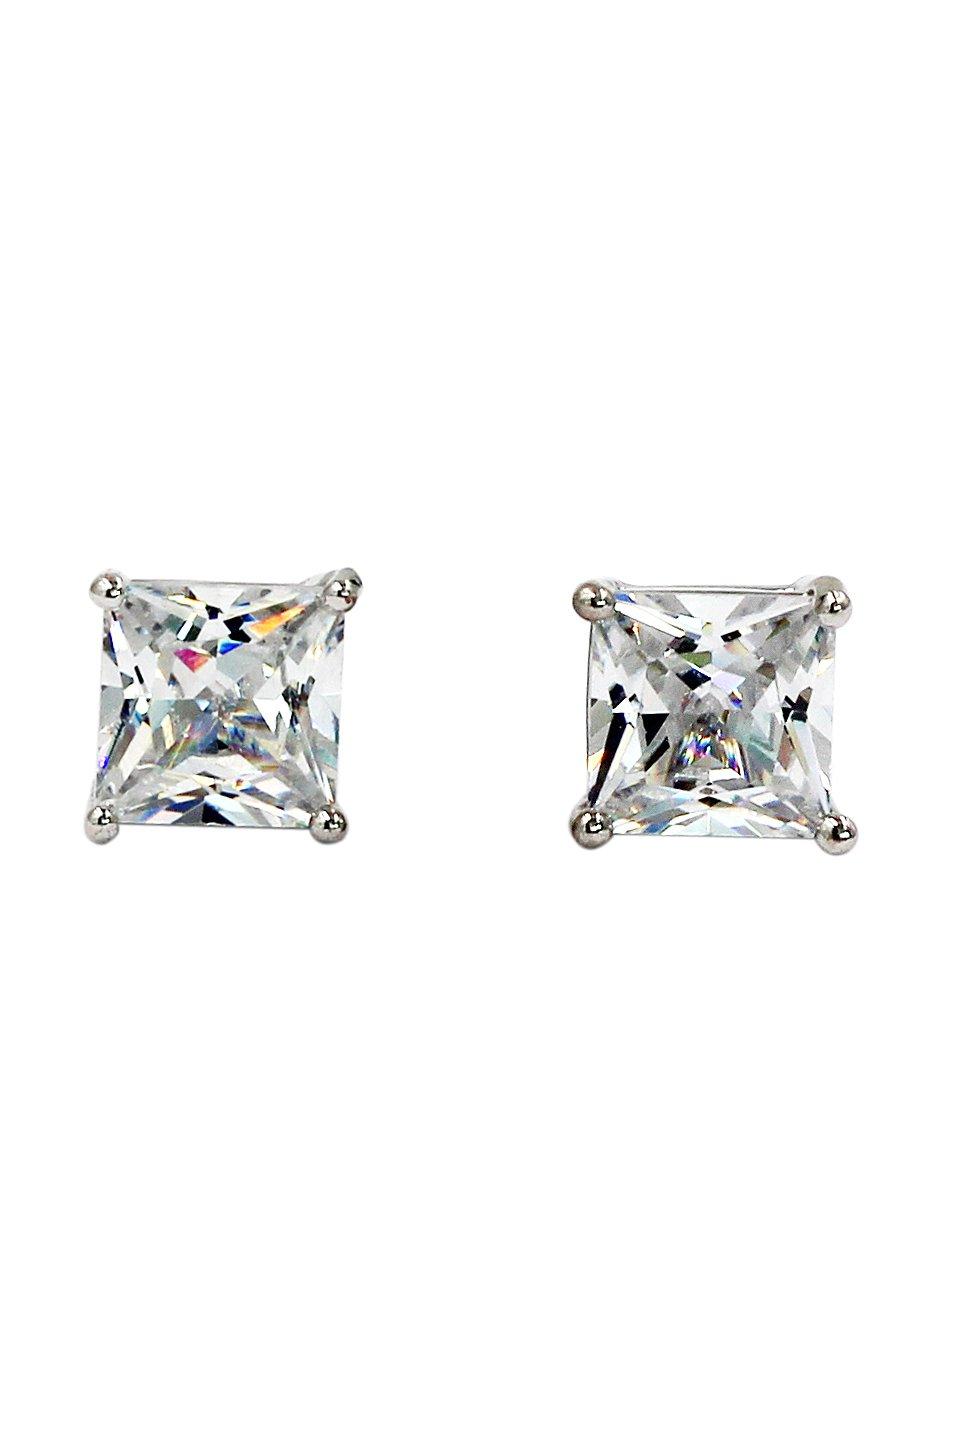 Simple side crystal silver earrings